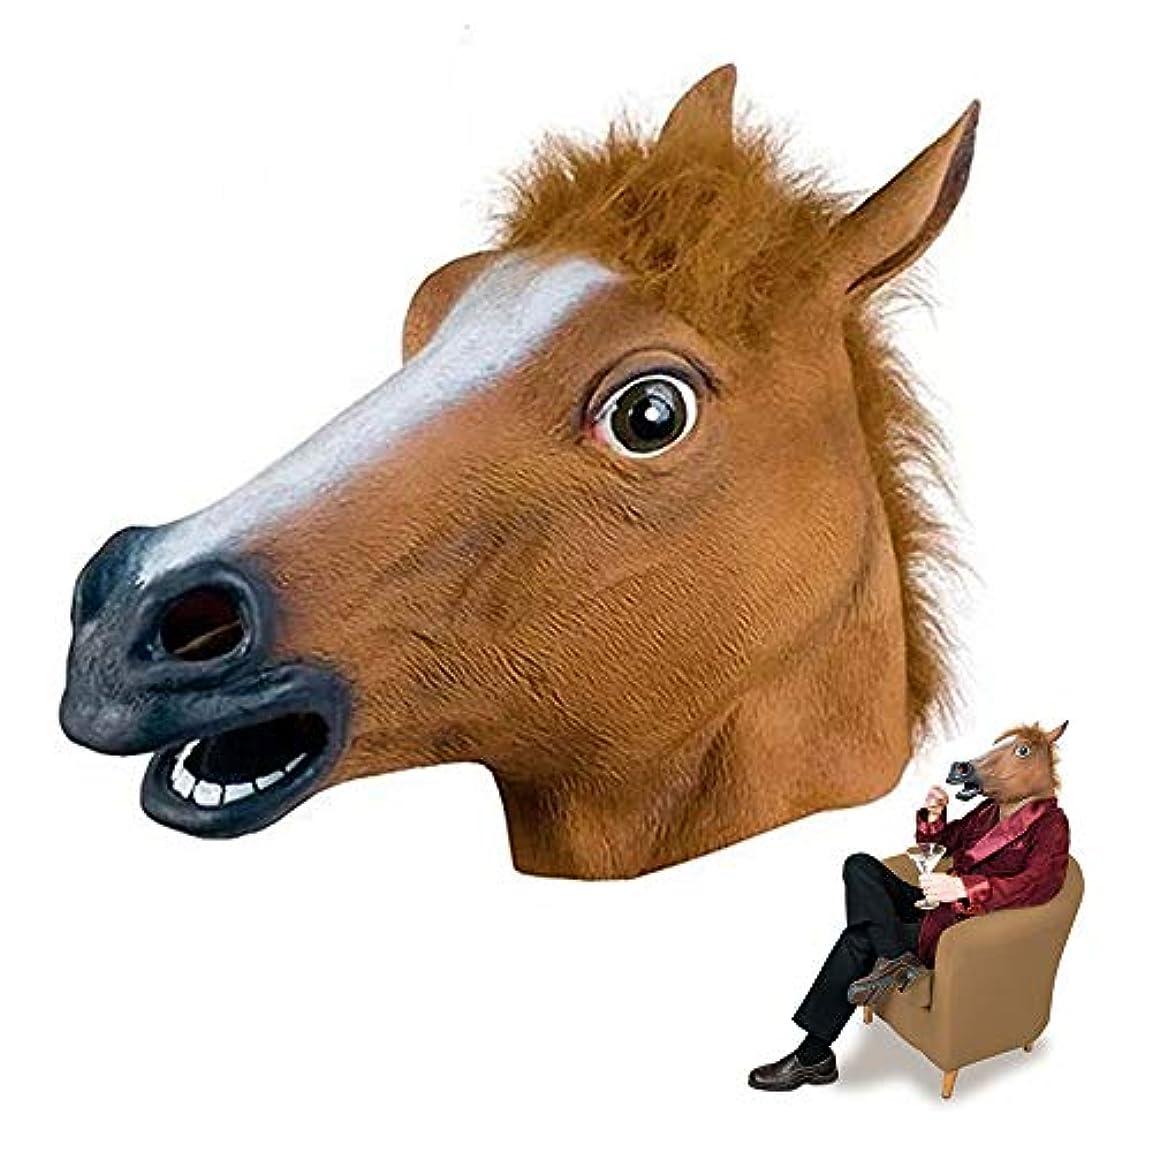 不平を言う説得力のある守銭奴ハロウィンマスクプロムラテックスホースヘッドマスク動物ヘッドギア装飾用プロム小道具面白いパフォーマンスパーティースプーフィングホワイト